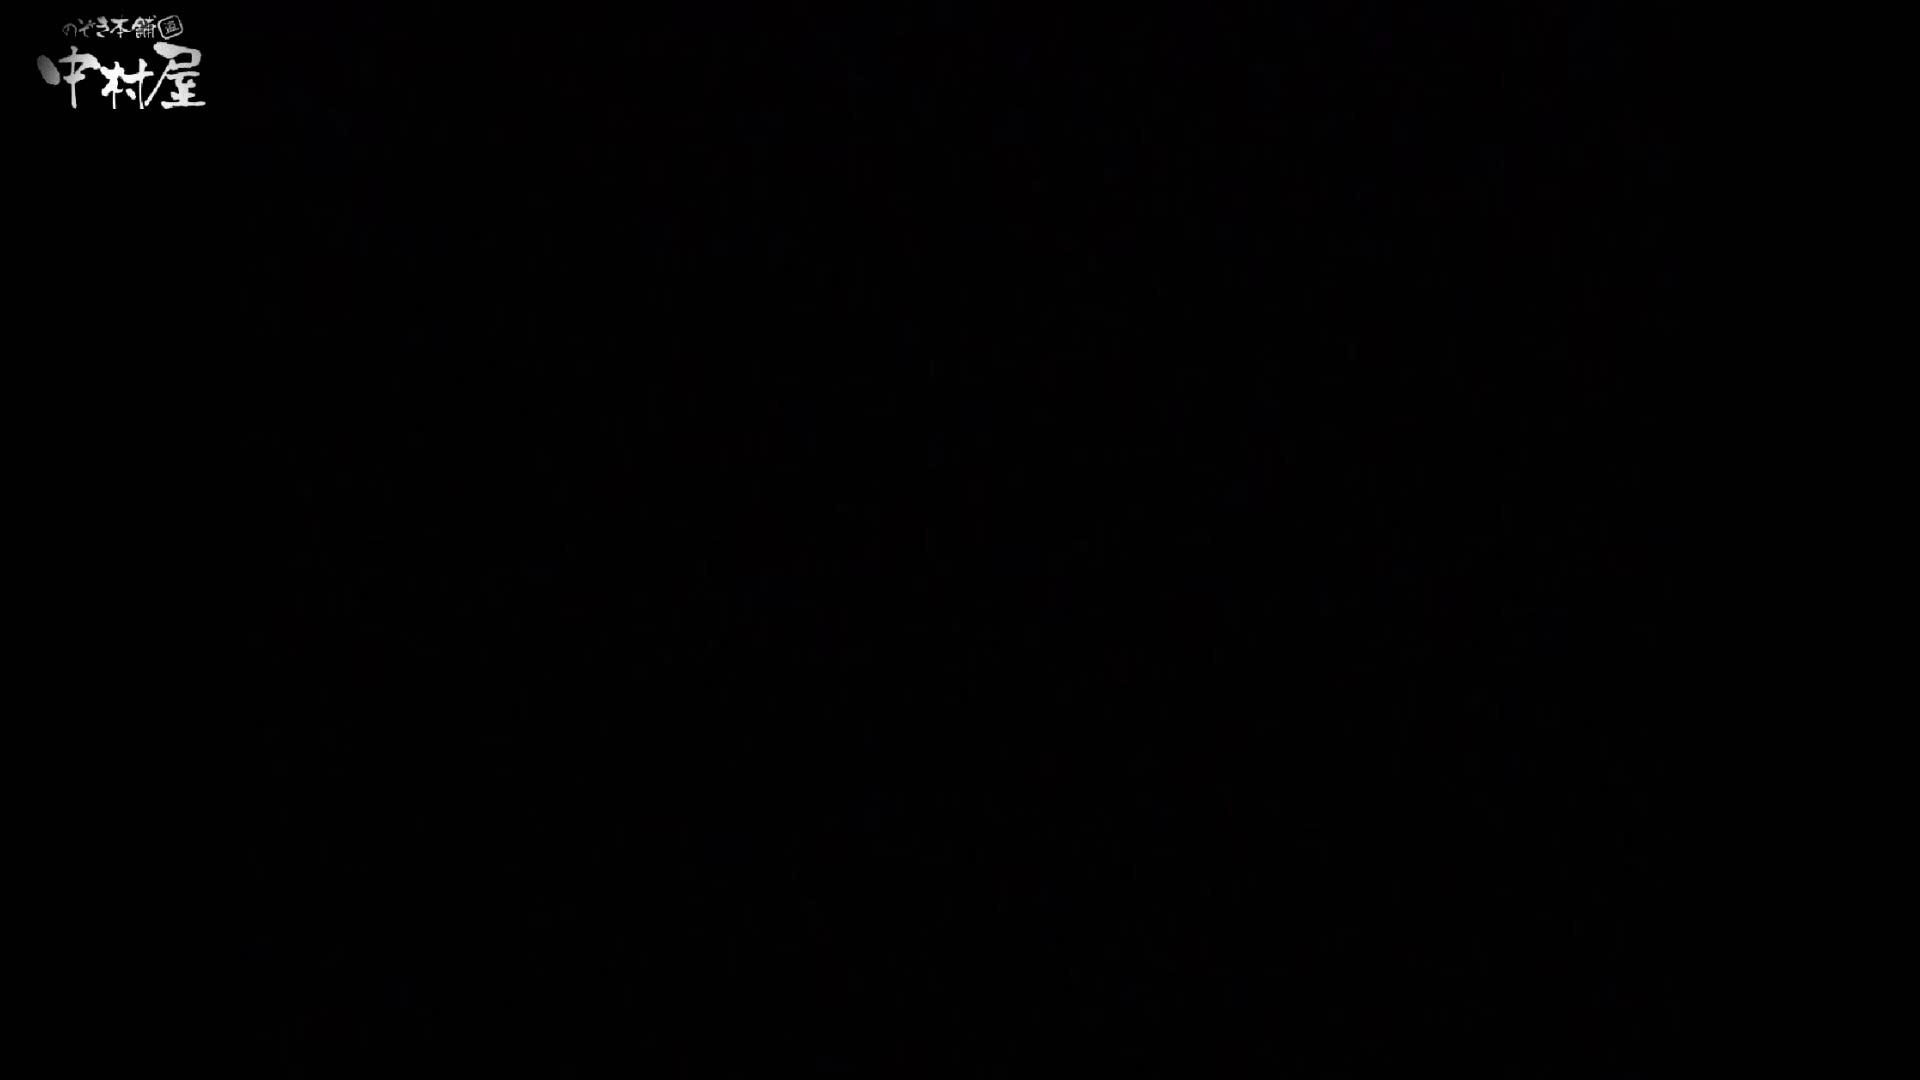 民家風呂専門盗撮師の超危険映像 vol.016 股間 スケベ動画紹介 88PIX 29